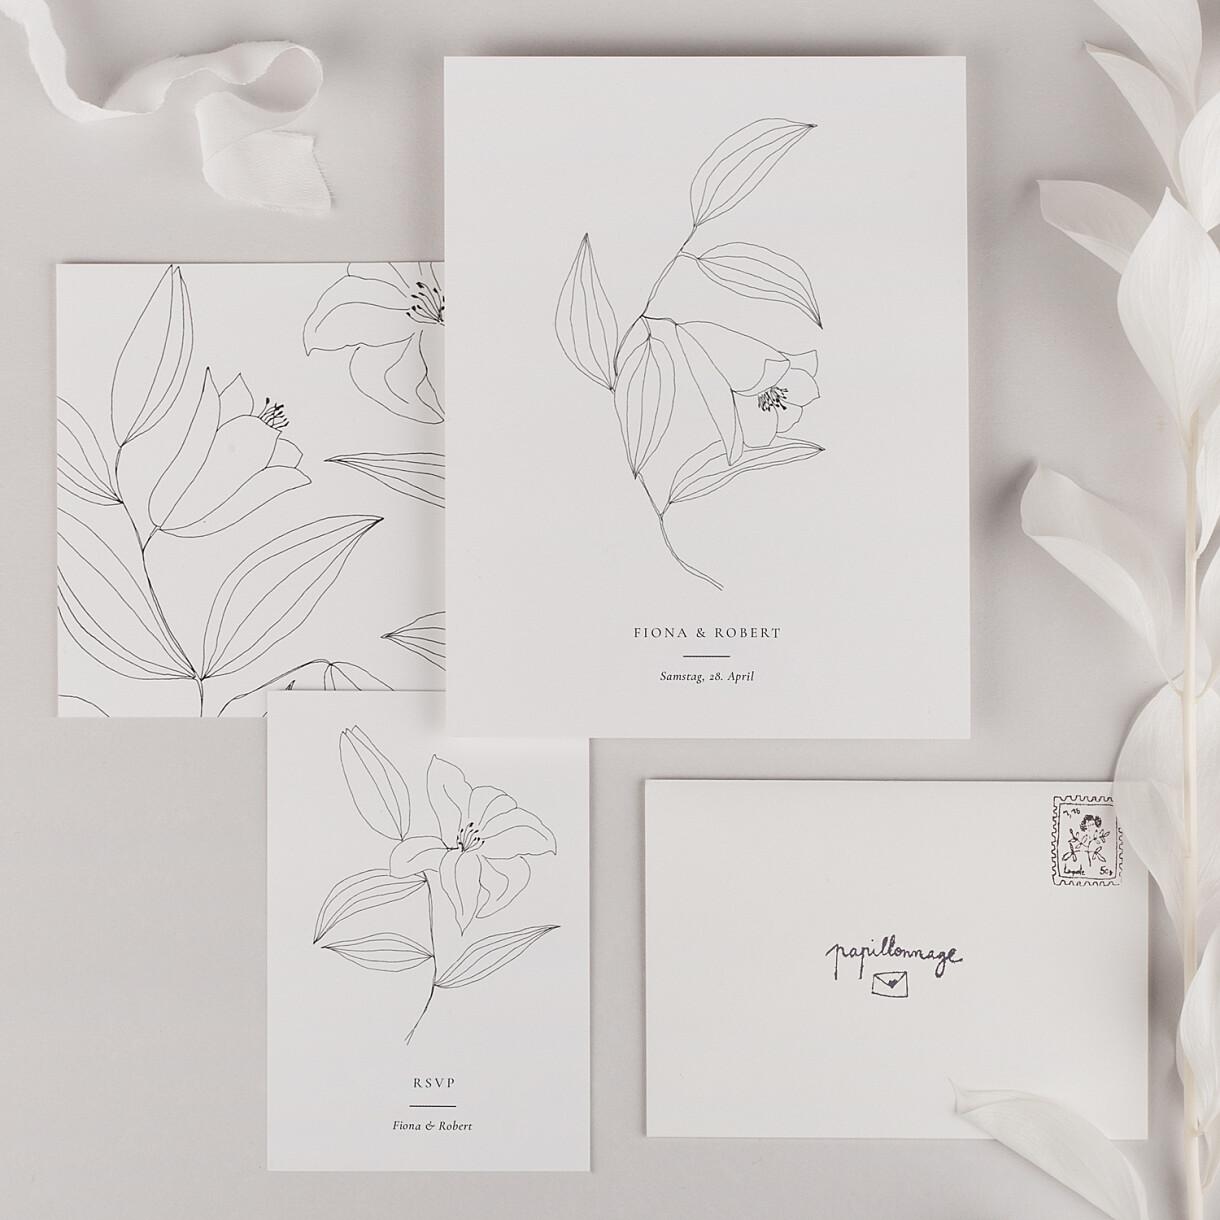 Hochzeitseinladungen liebesgedicht